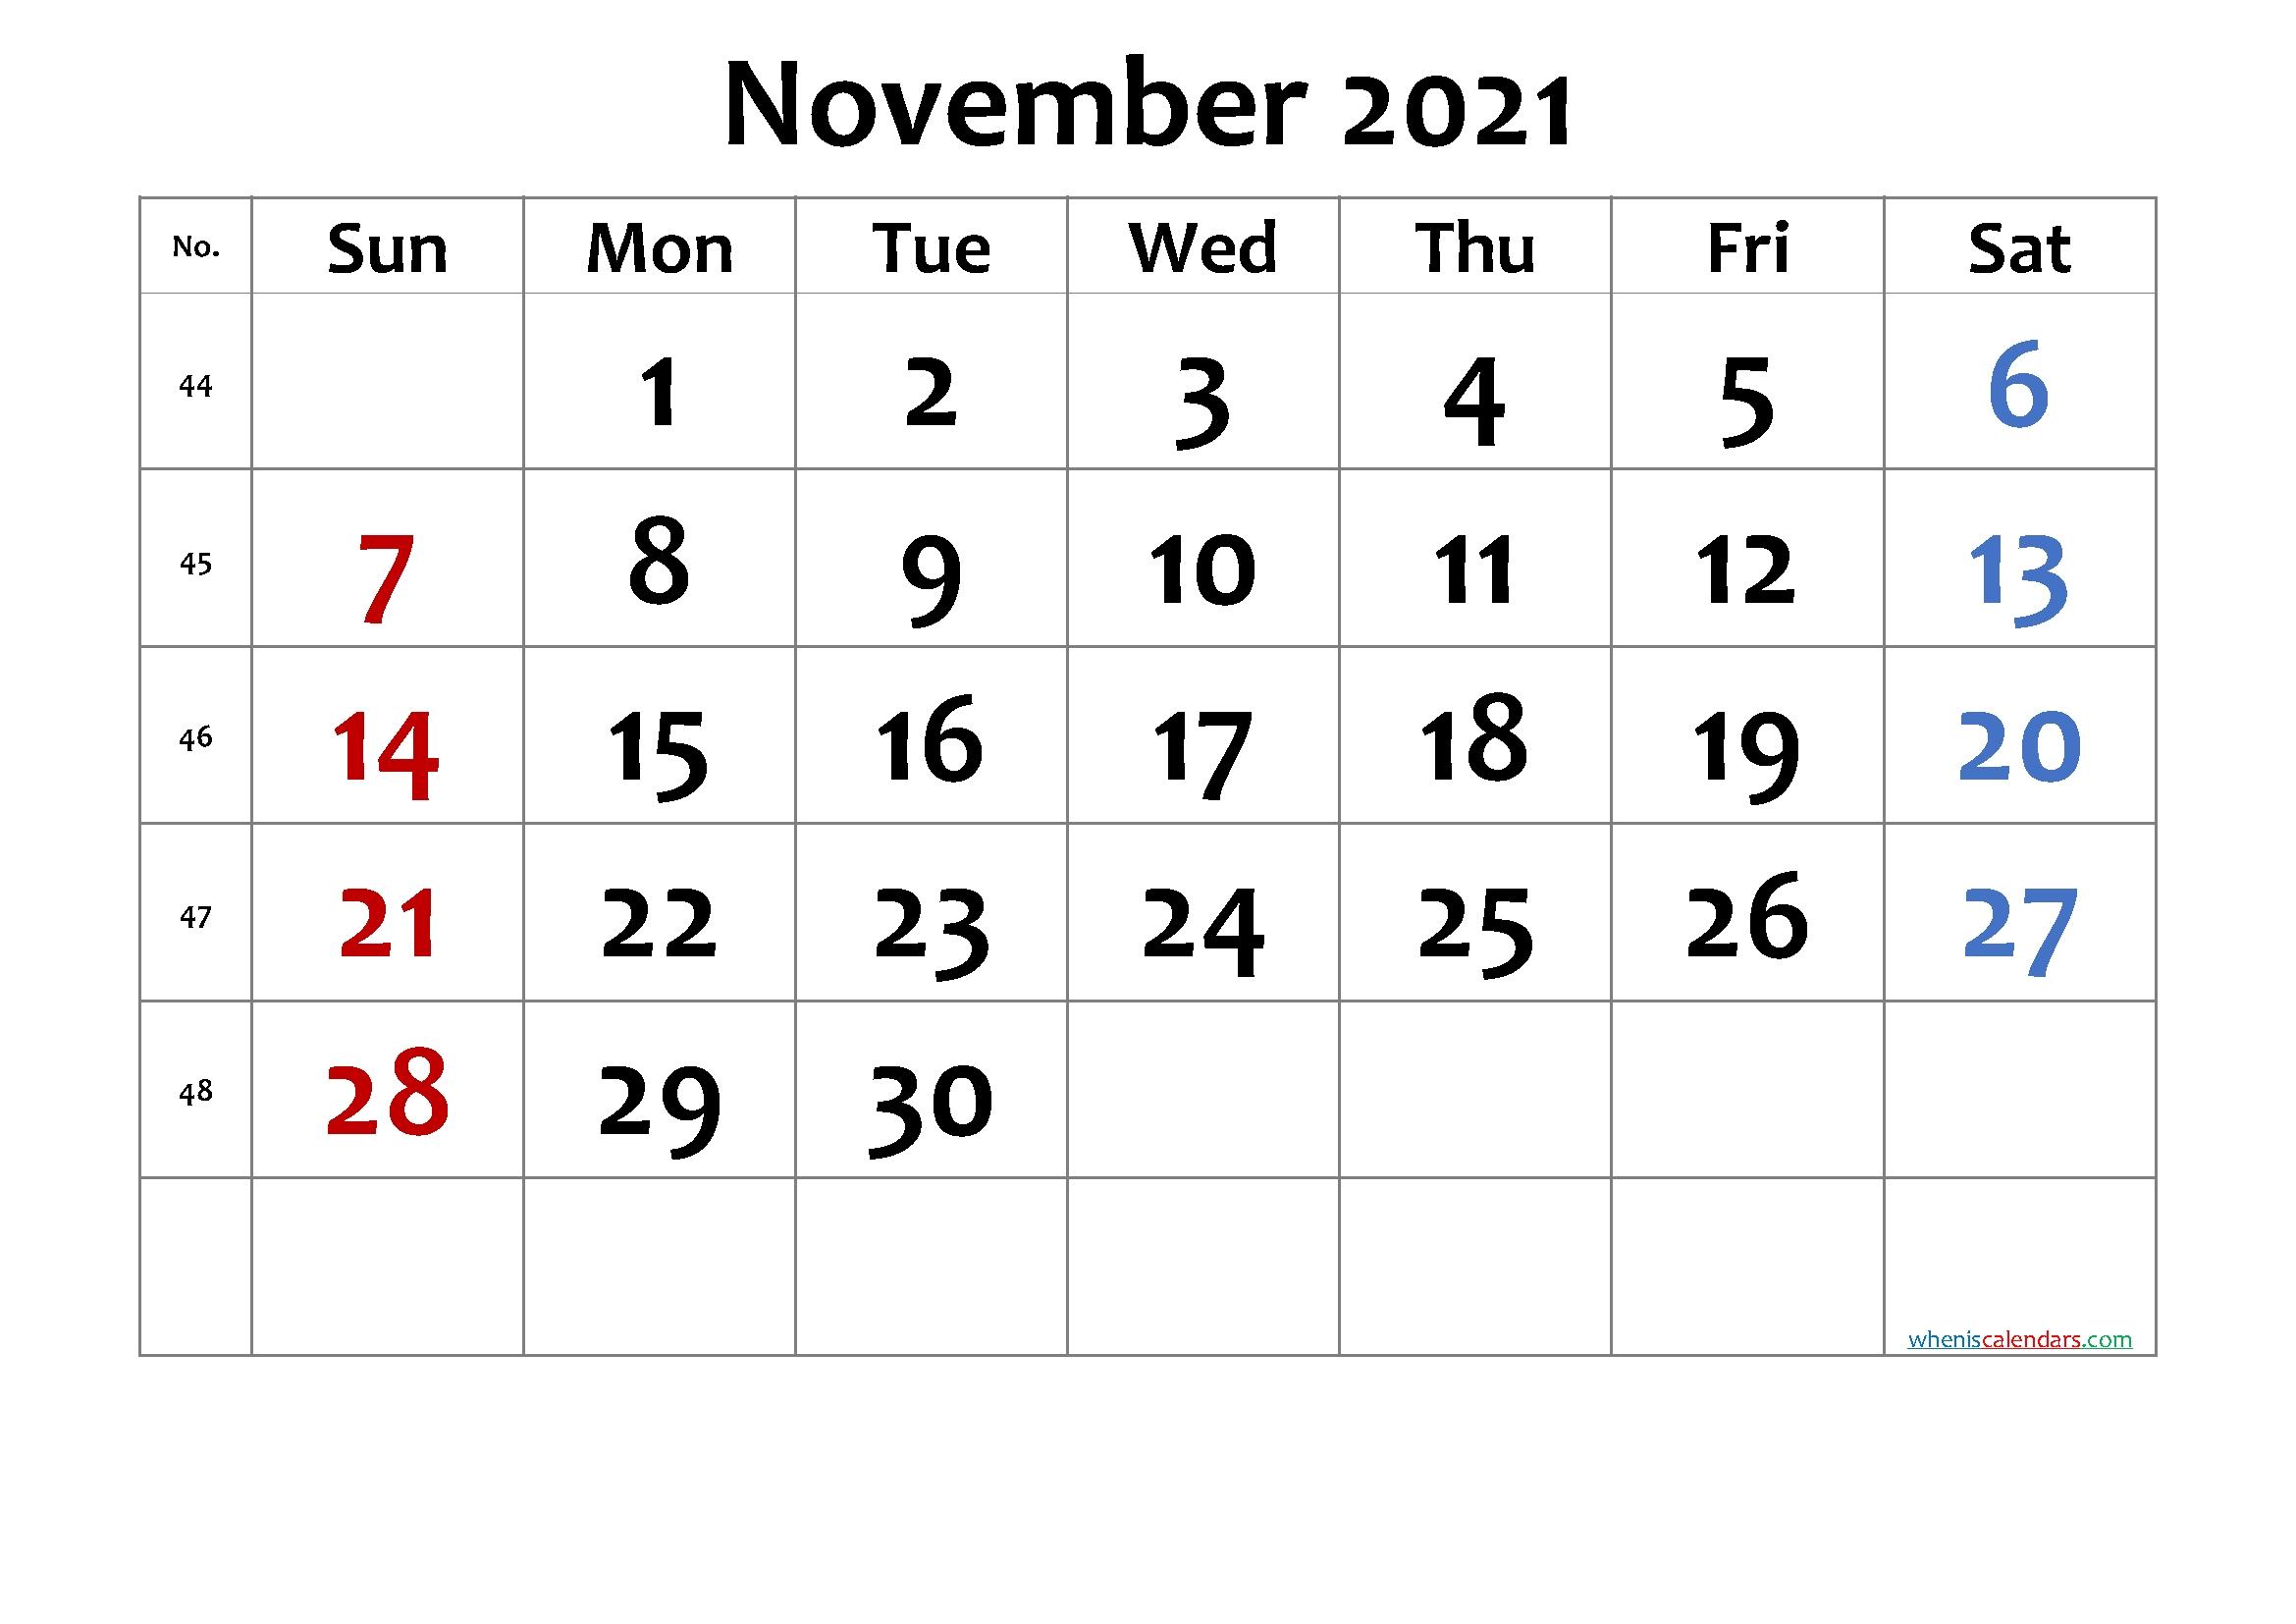 November 6 2021 Calendar | Calendar 2021 Free Printable November 2021 Calendar With Holidays